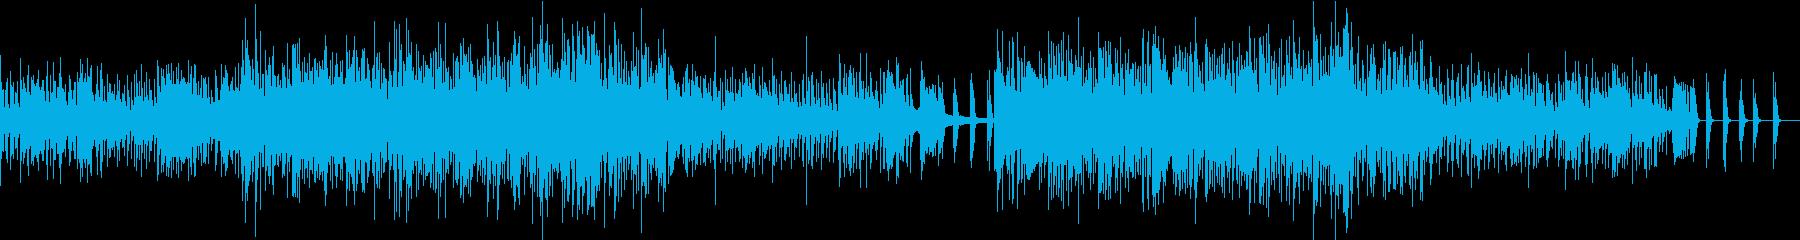 ゲーム向けアンダーグラウンド系BGMの再生済みの波形